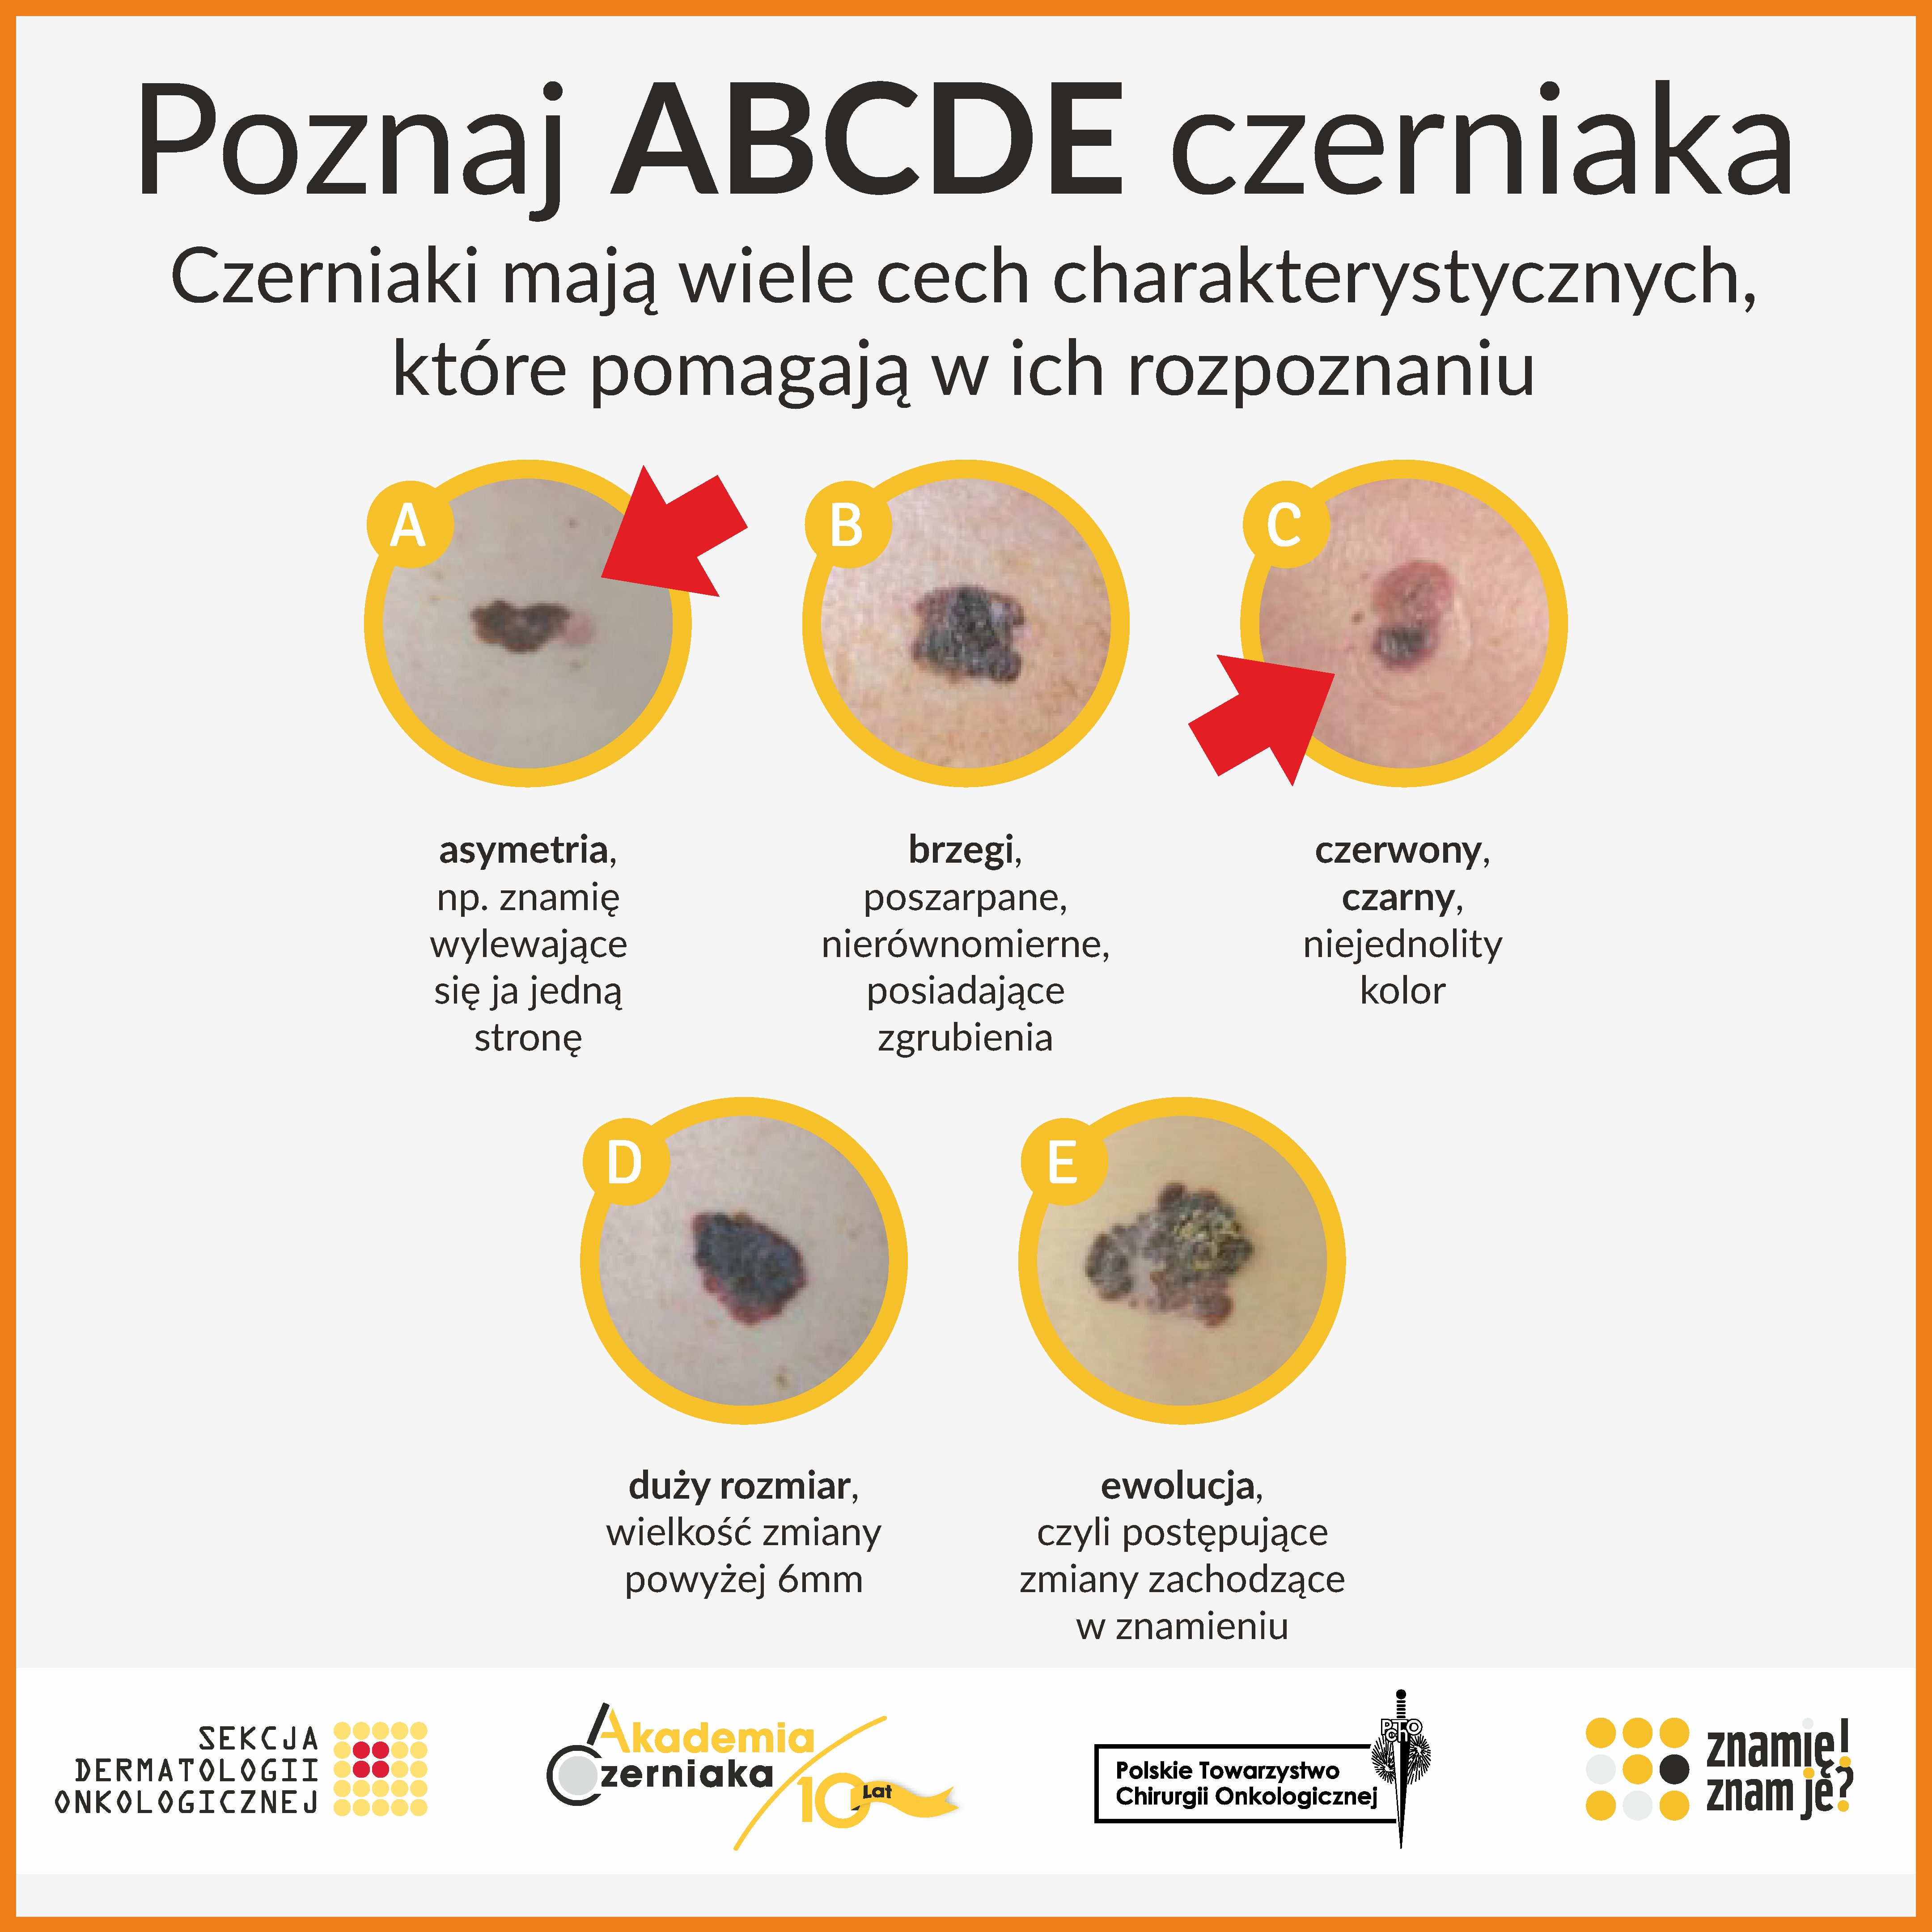 ABCDE czerniak